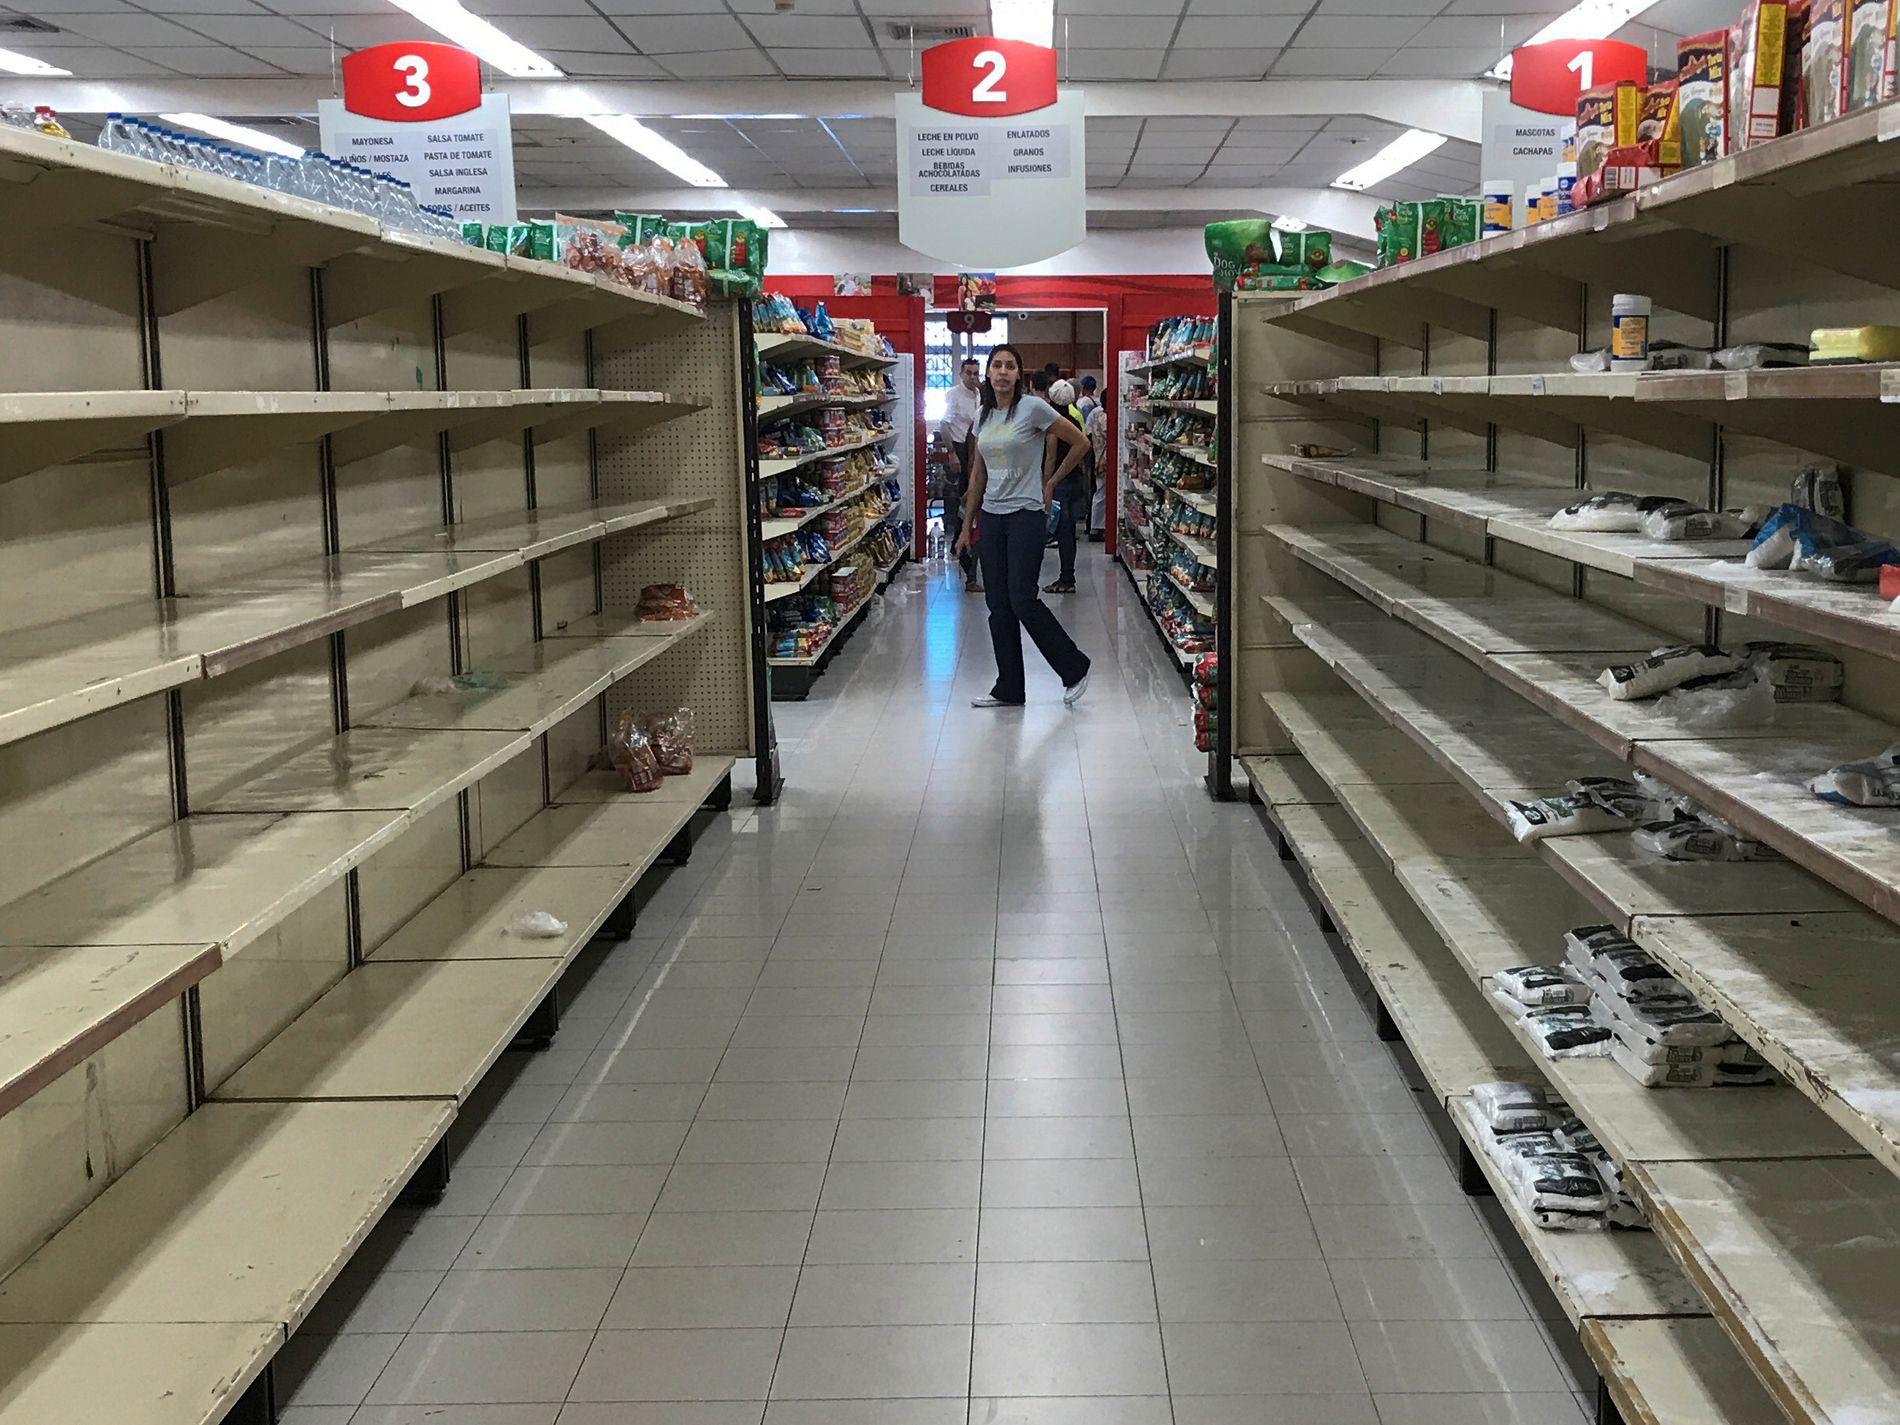 TOMME HYLLER: Sanksjonsregimet mot Venezuela vil forverre situasjonen i landet, mener innsenderen.